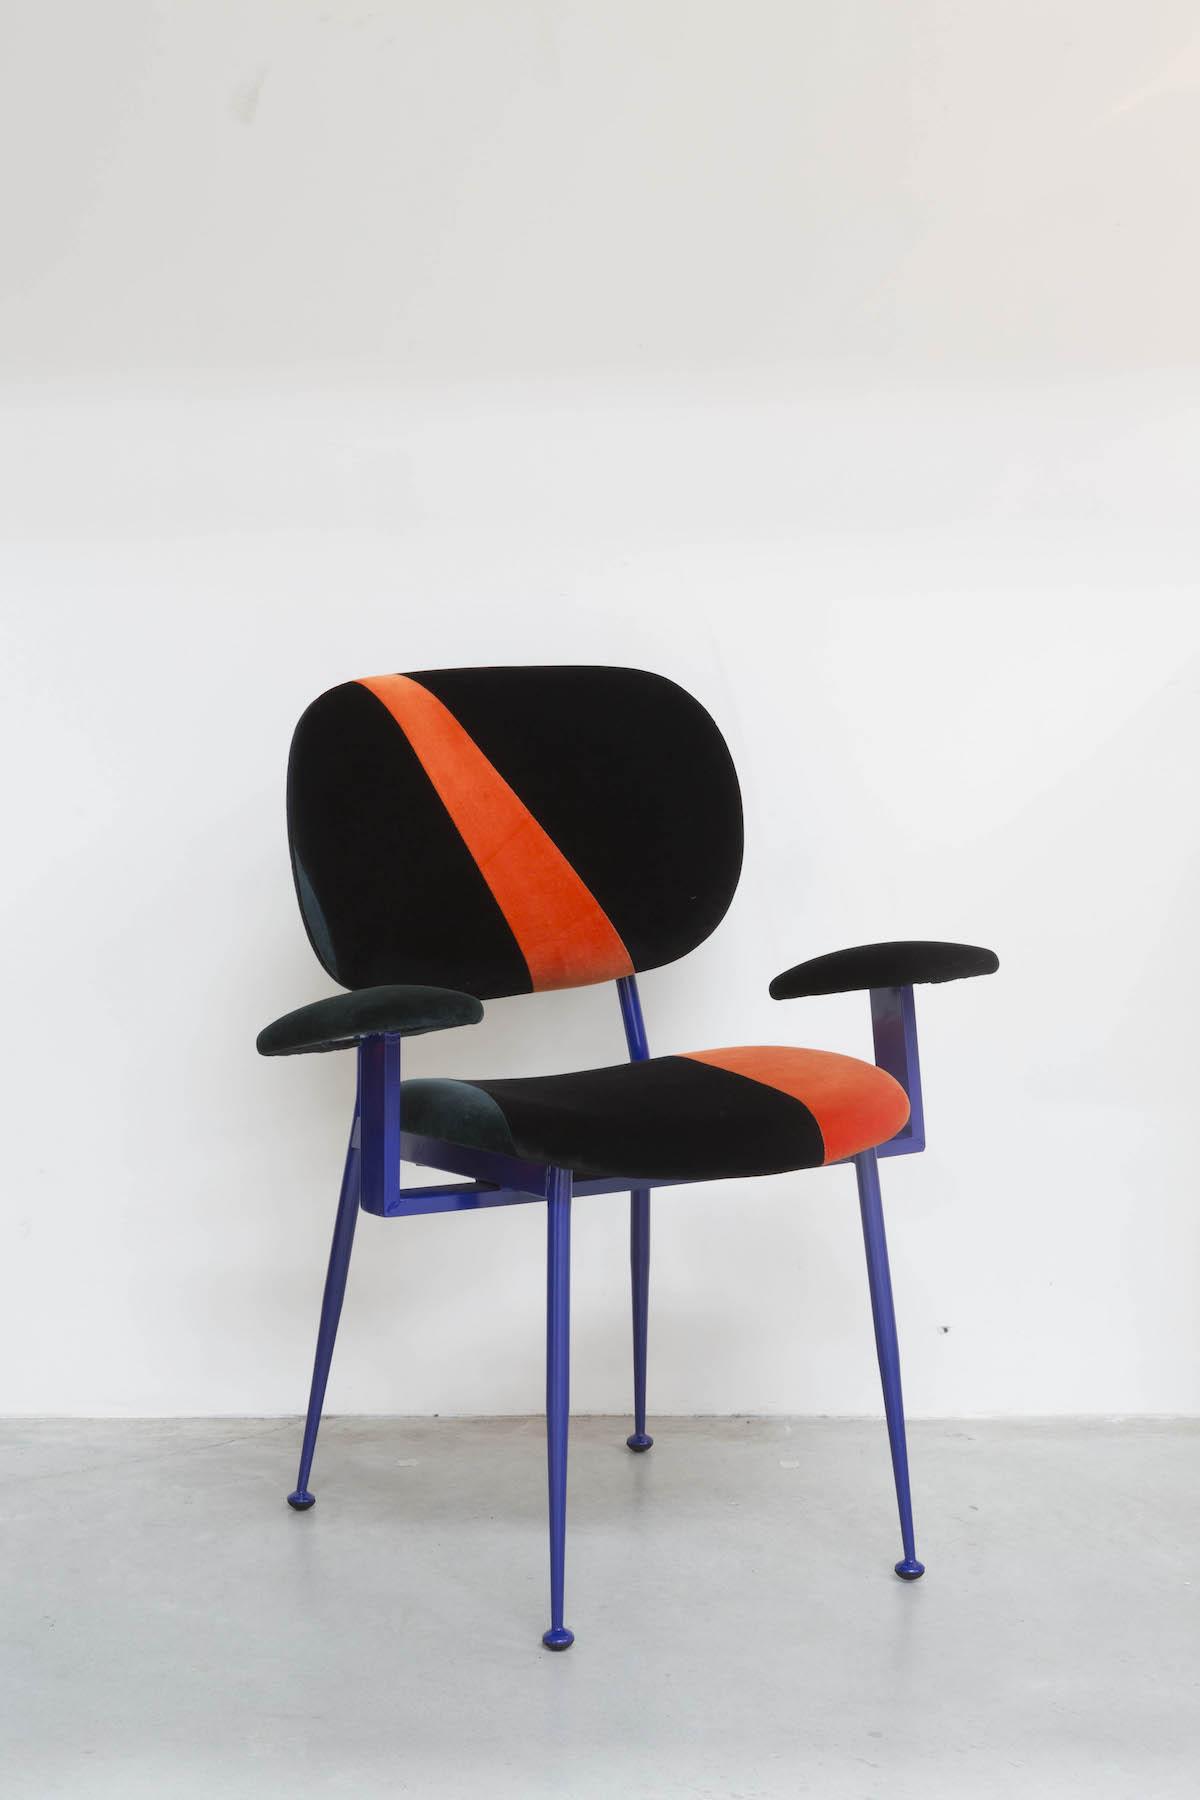 chaise bureau london fabulous boconcept chaise design boconcept london with chaise bureau. Black Bedroom Furniture Sets. Home Design Ideas